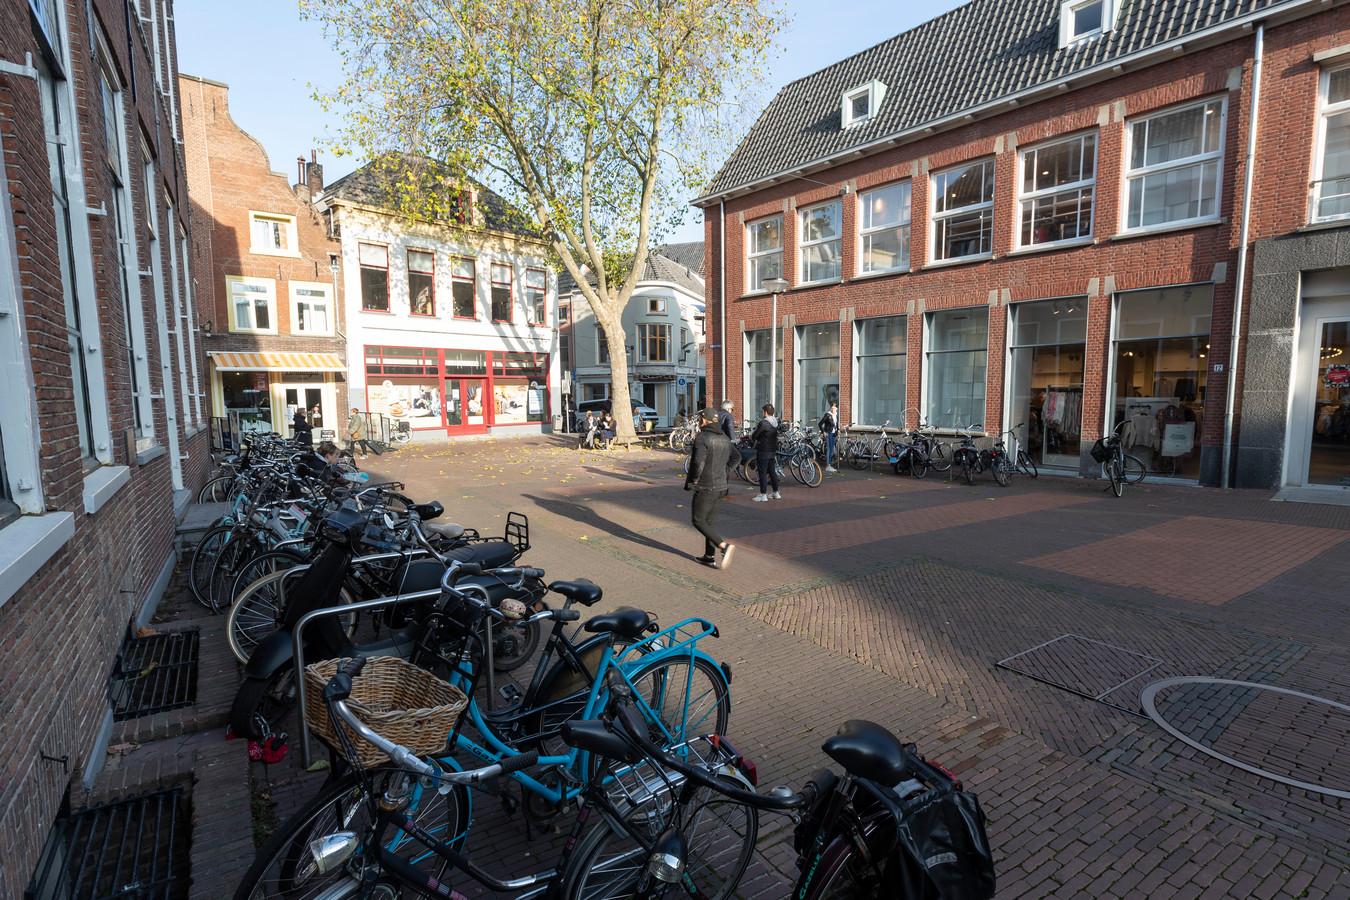 De Schupstoel is - met fietsen voor de etalages en lege panden - nog alles behalve het fraaie historische plein dat het weer moet worden.